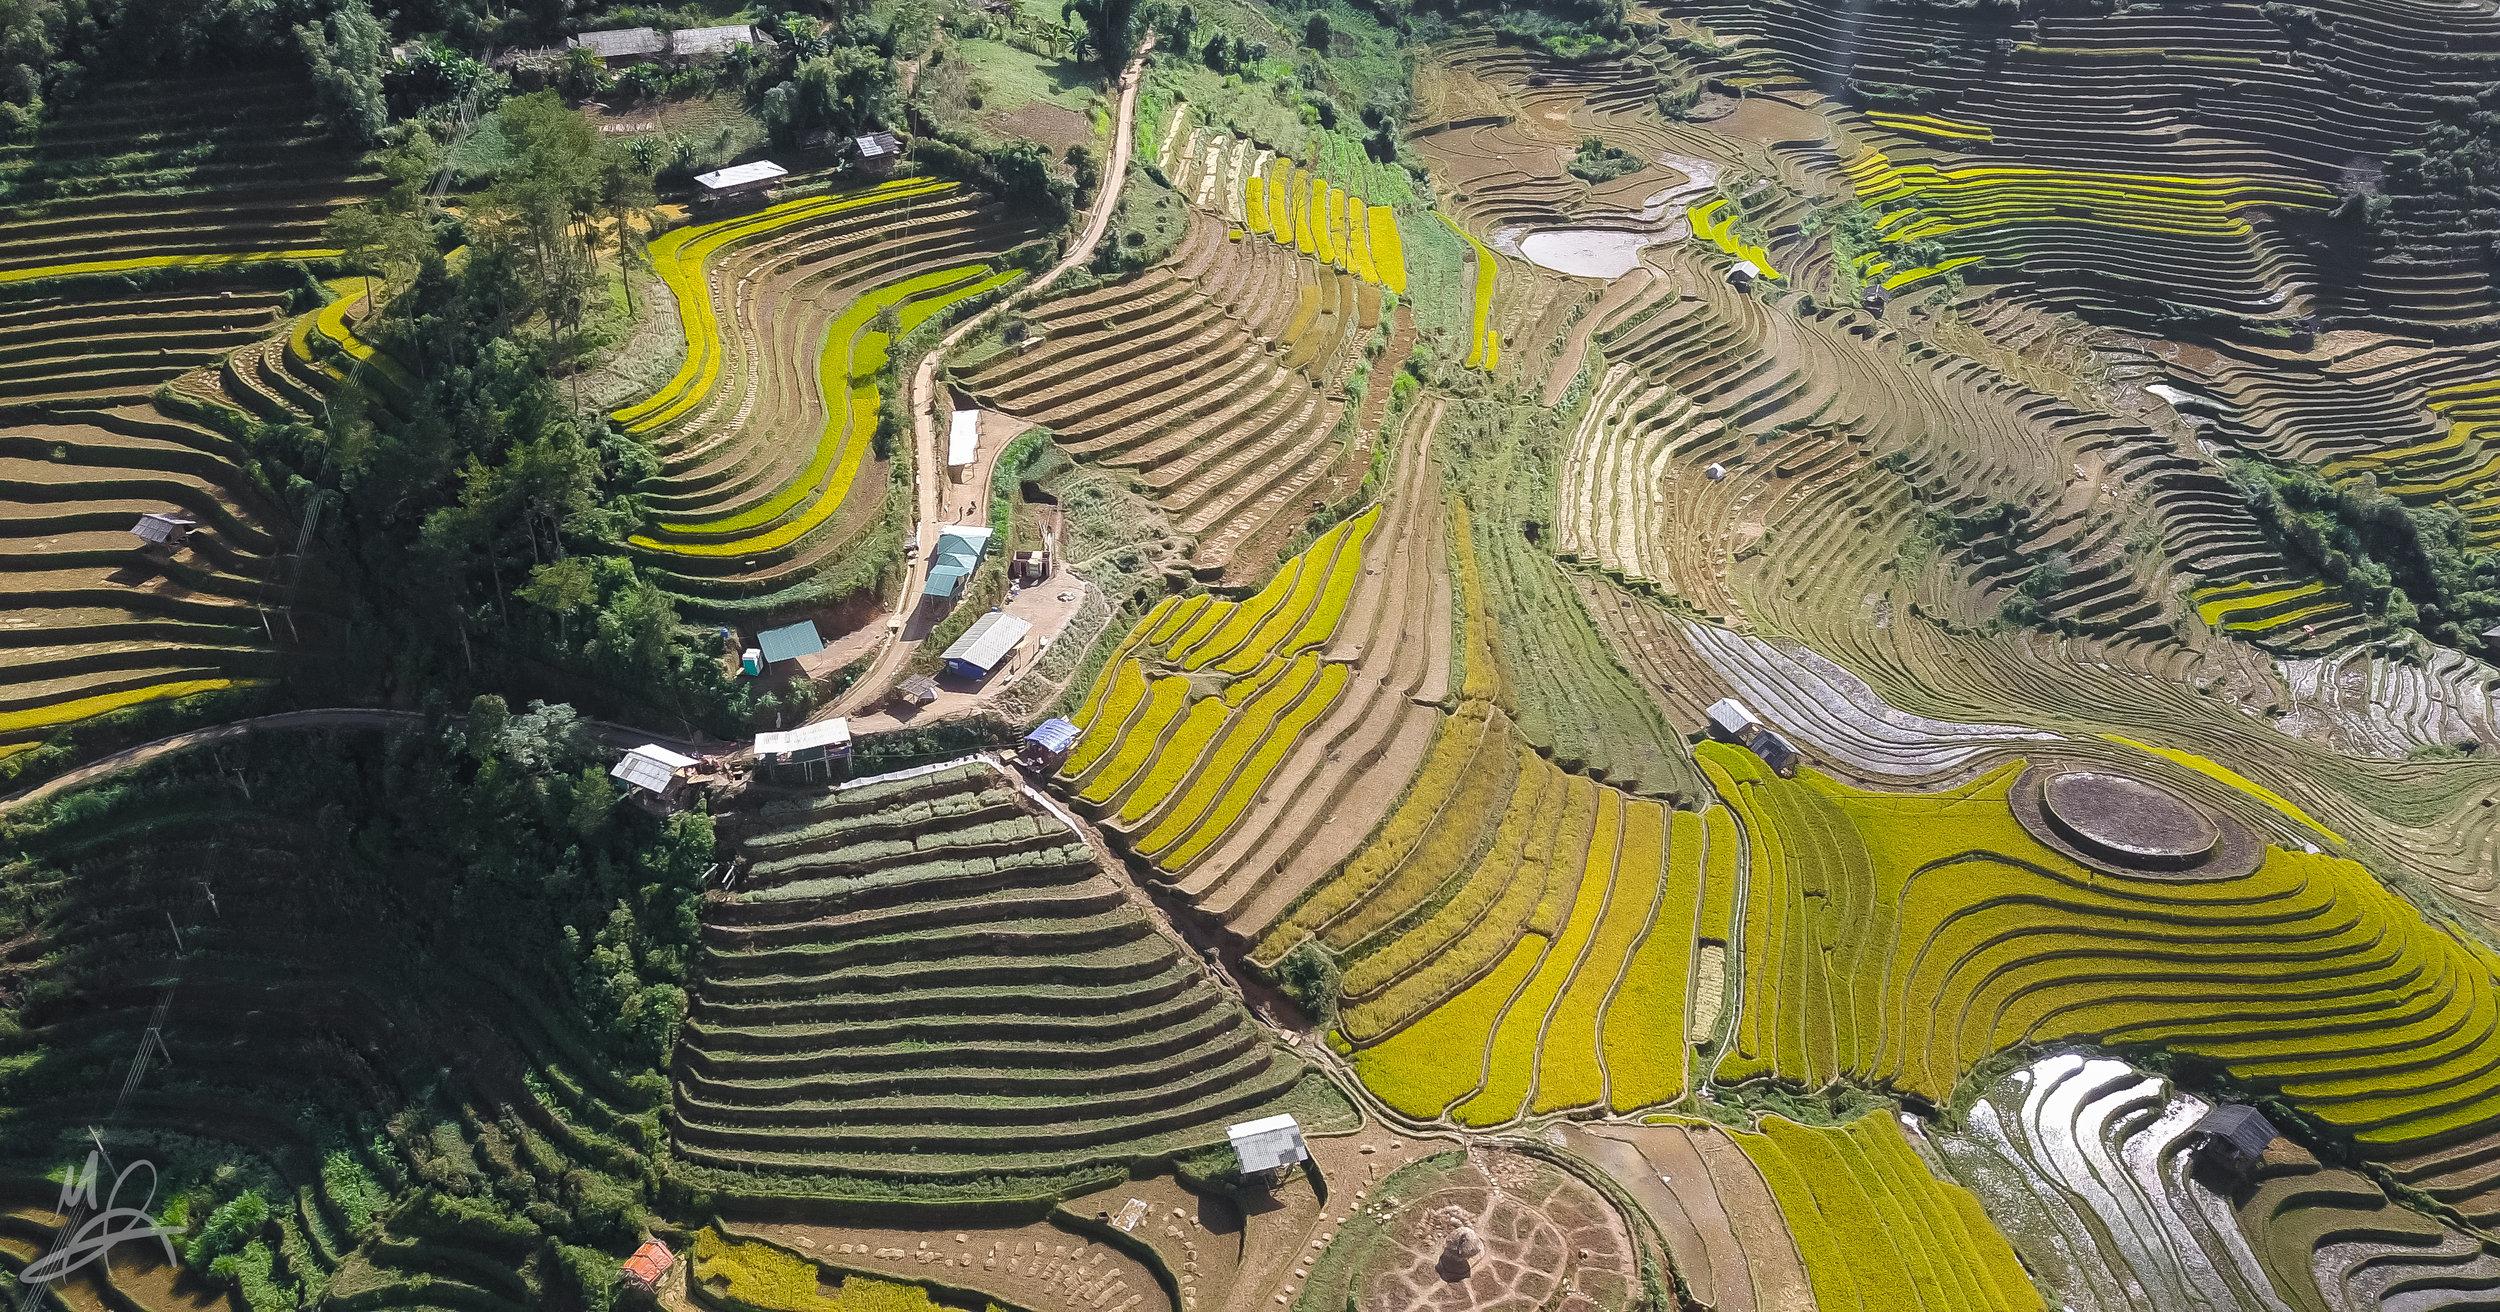 Mu Cang Chai rice paddies 2